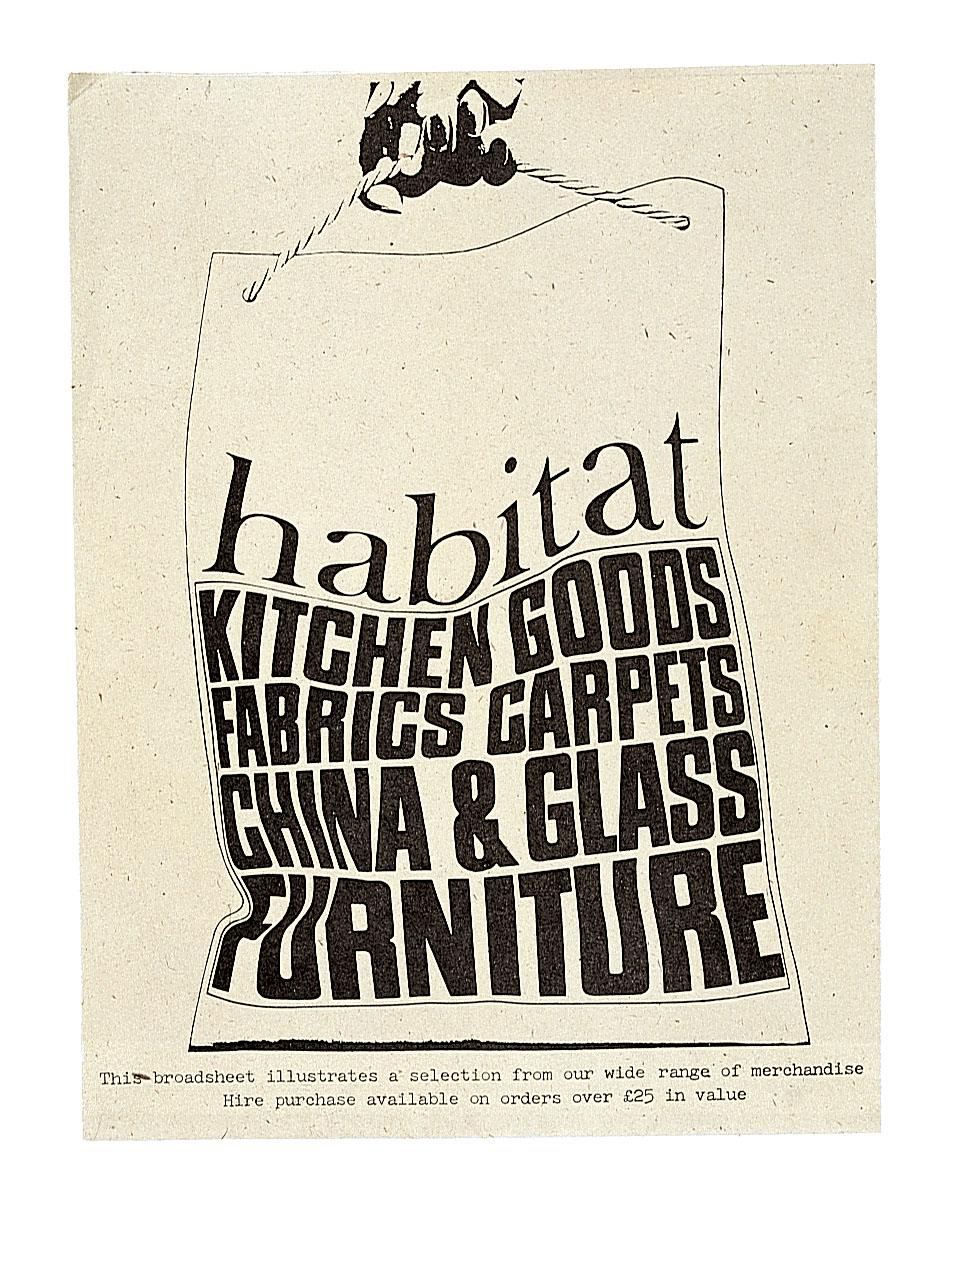 Original Habitat logo introduced in 1964